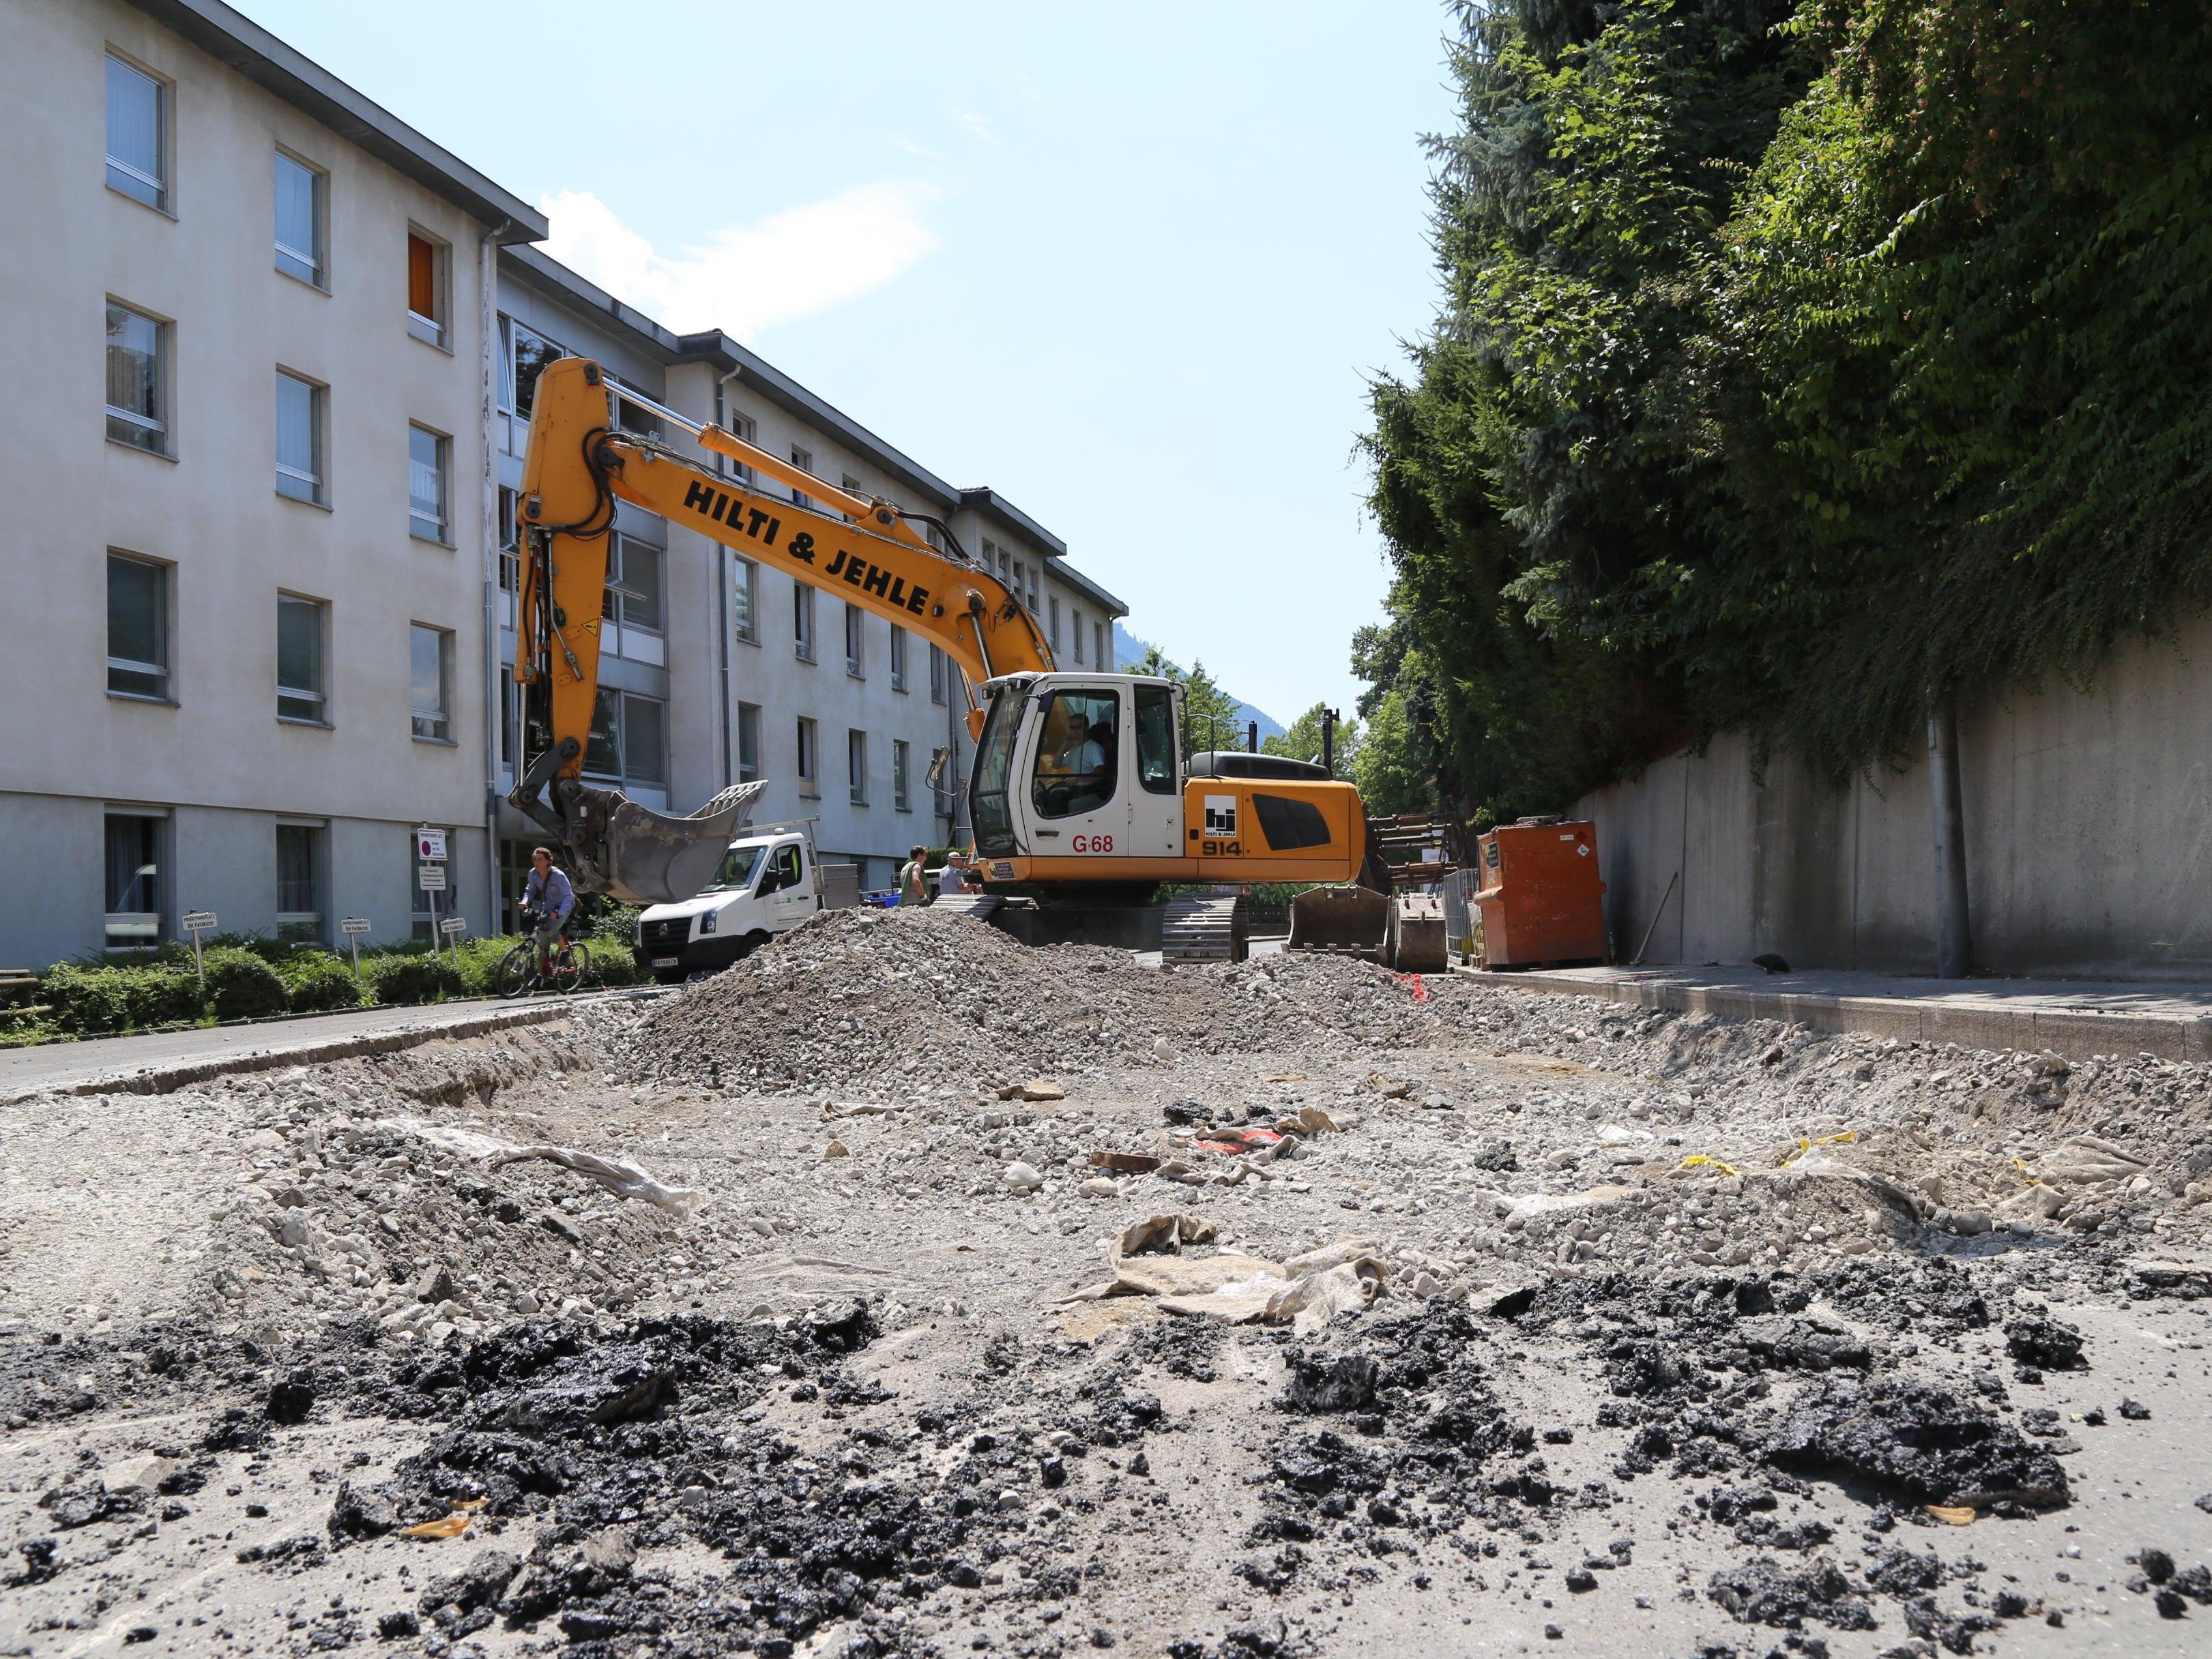 Seit Montag laufen die Bauarbeiten in der Carinagasse, bis voraussichtlich September 2016 wird die Sanierung dauern.